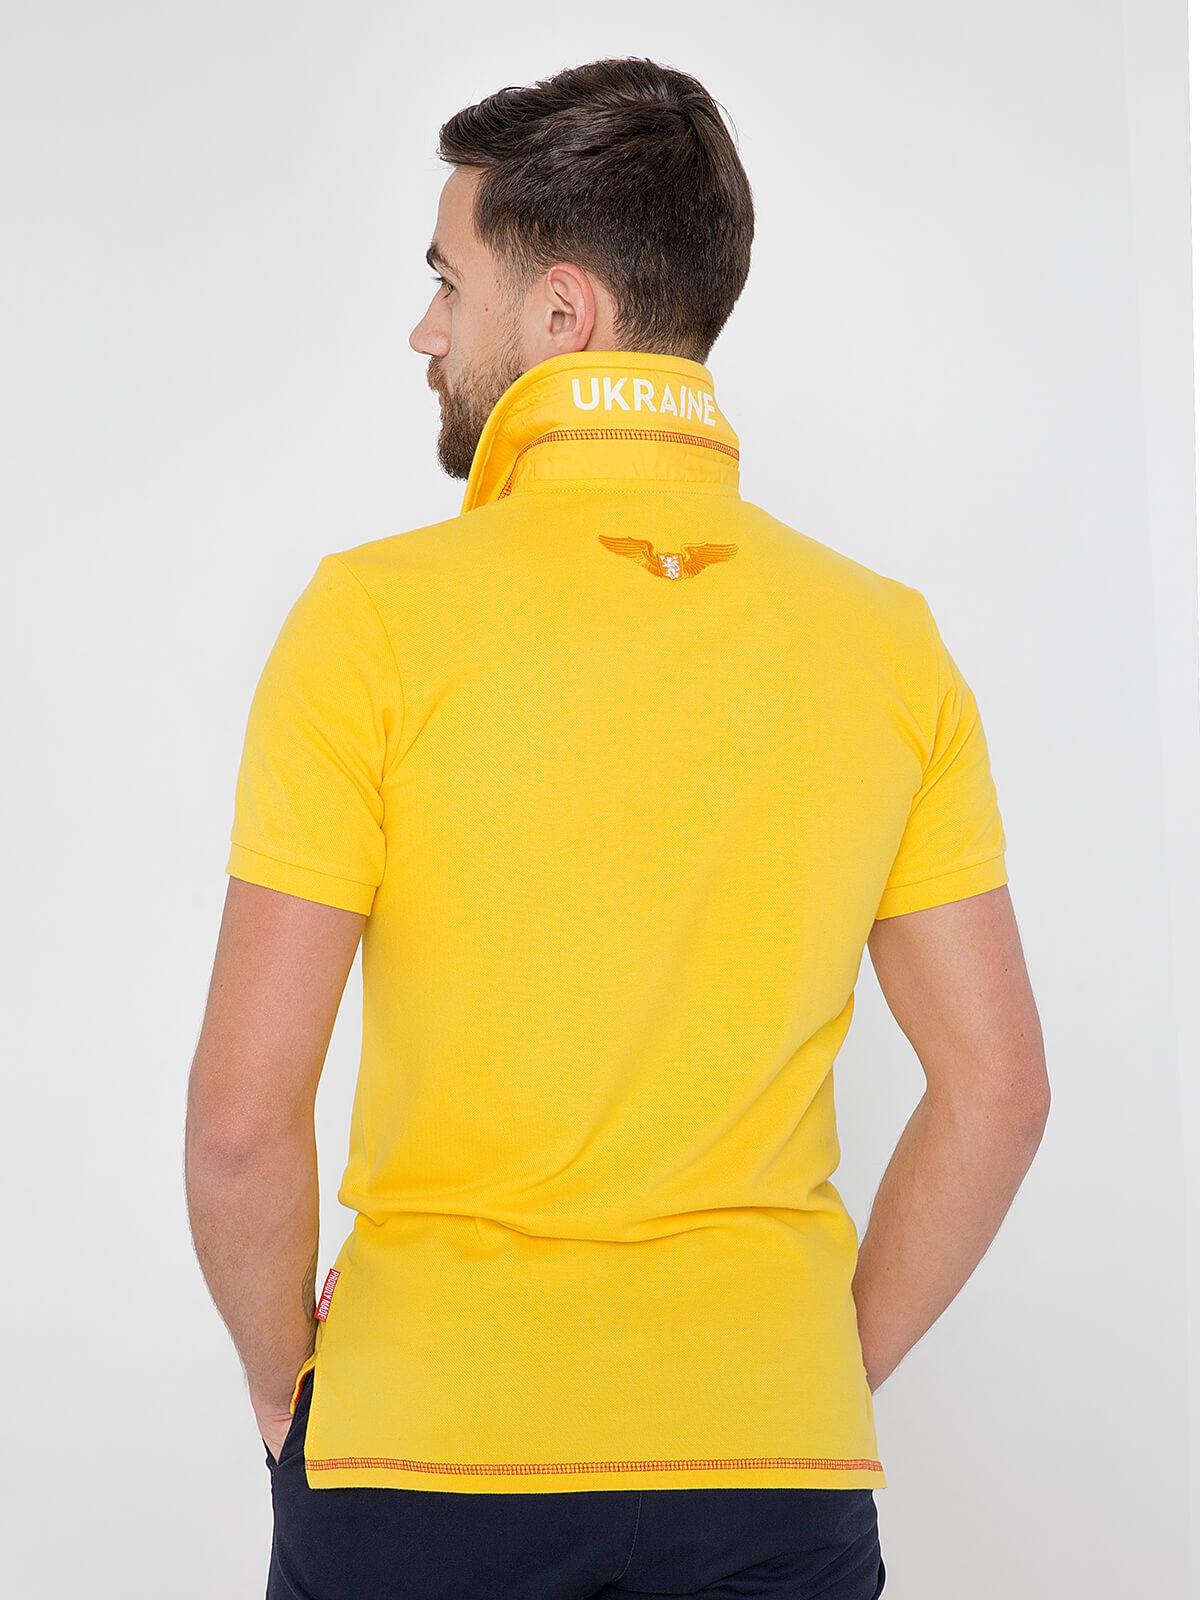 Чоловіче Поло Крила. Колір жовтий.  Тканина піке: 100% бавовна.